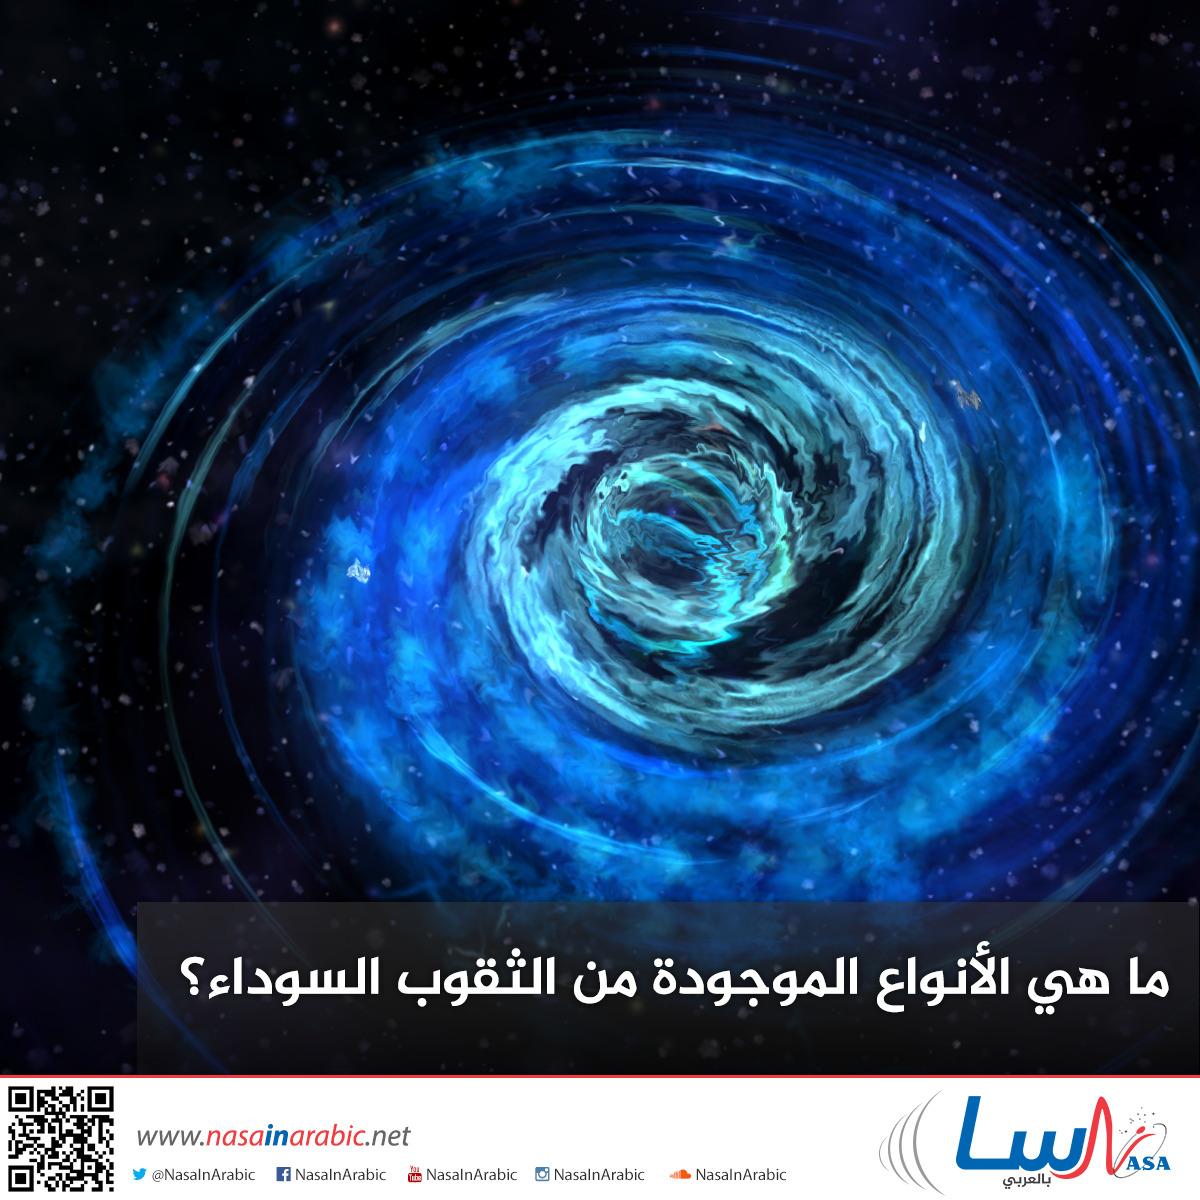 ما هي الأنواع الموجودة من الثقوب السوداء؟